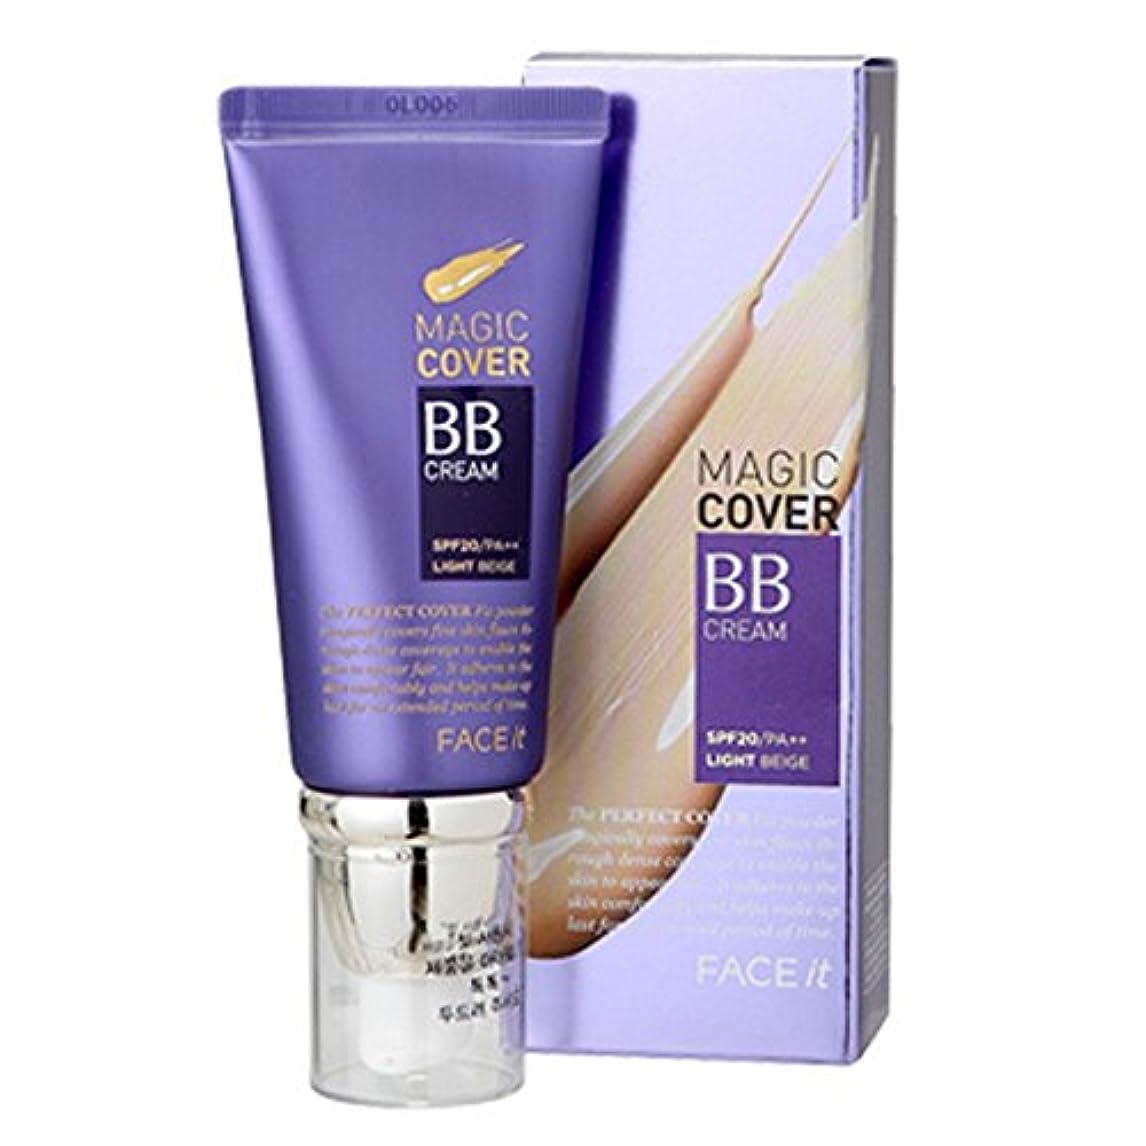 吸収剤駐地暴君ザフェイスショップ The Face Shop Face It Magic Cover BB Cream 45ml (01 Light Beige)